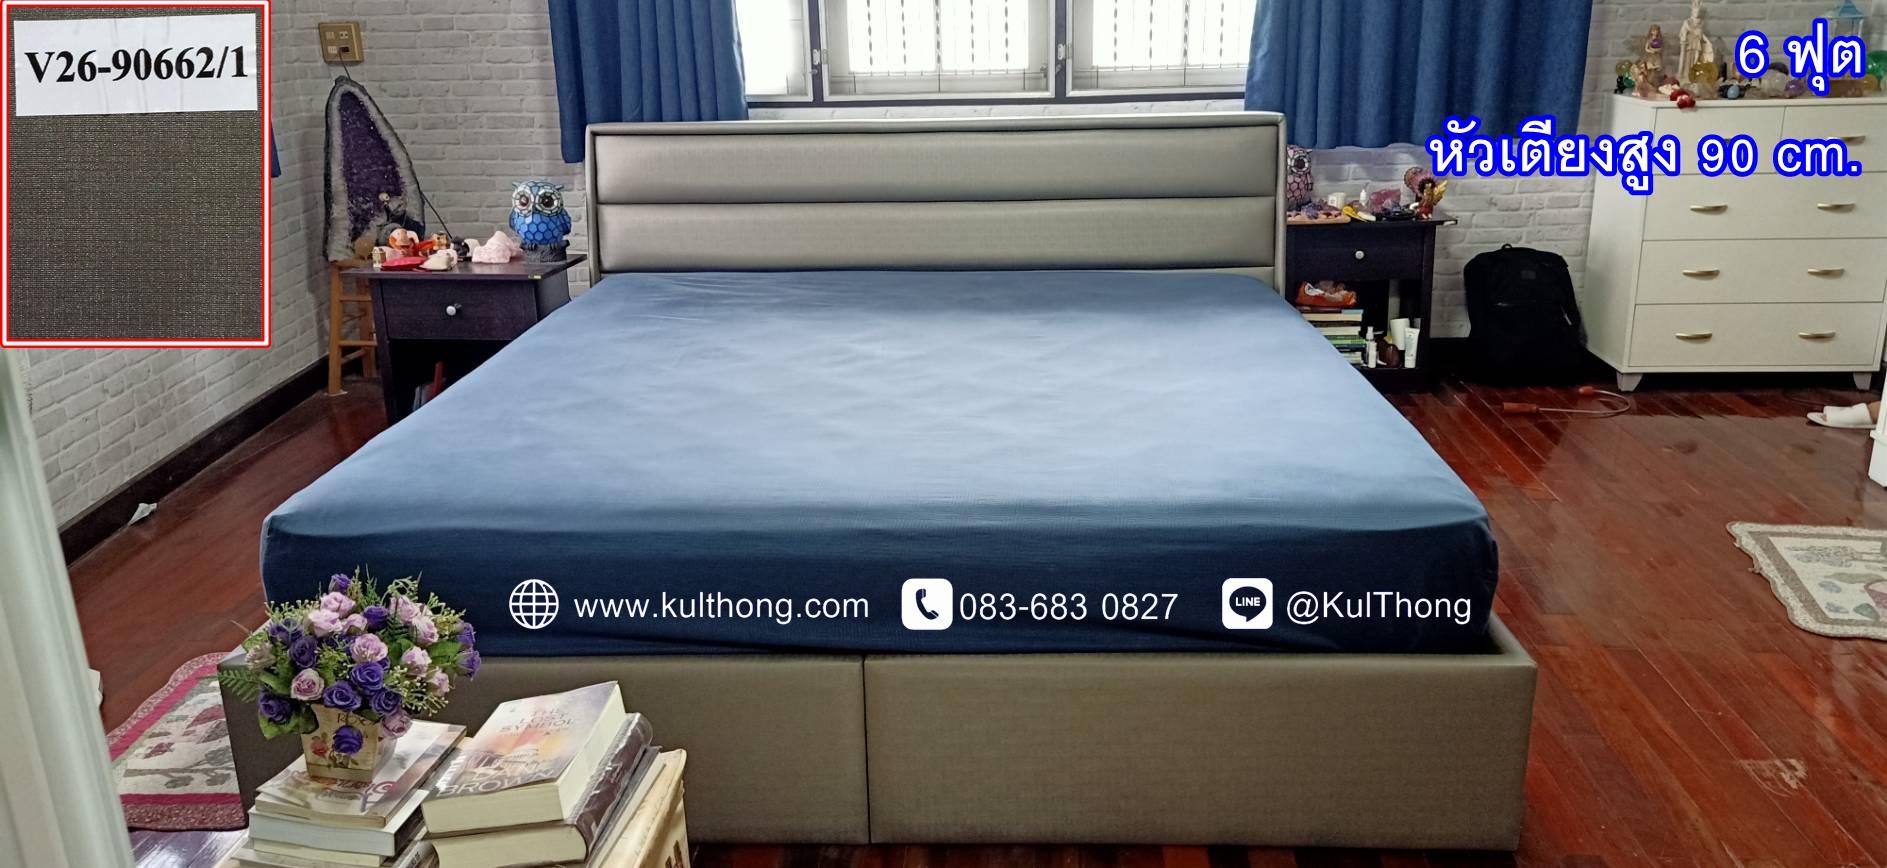 เตียงหุ้มหนัง เตียงลิ้นชัก เตียงเก็บของ ฐานรองที่นอน